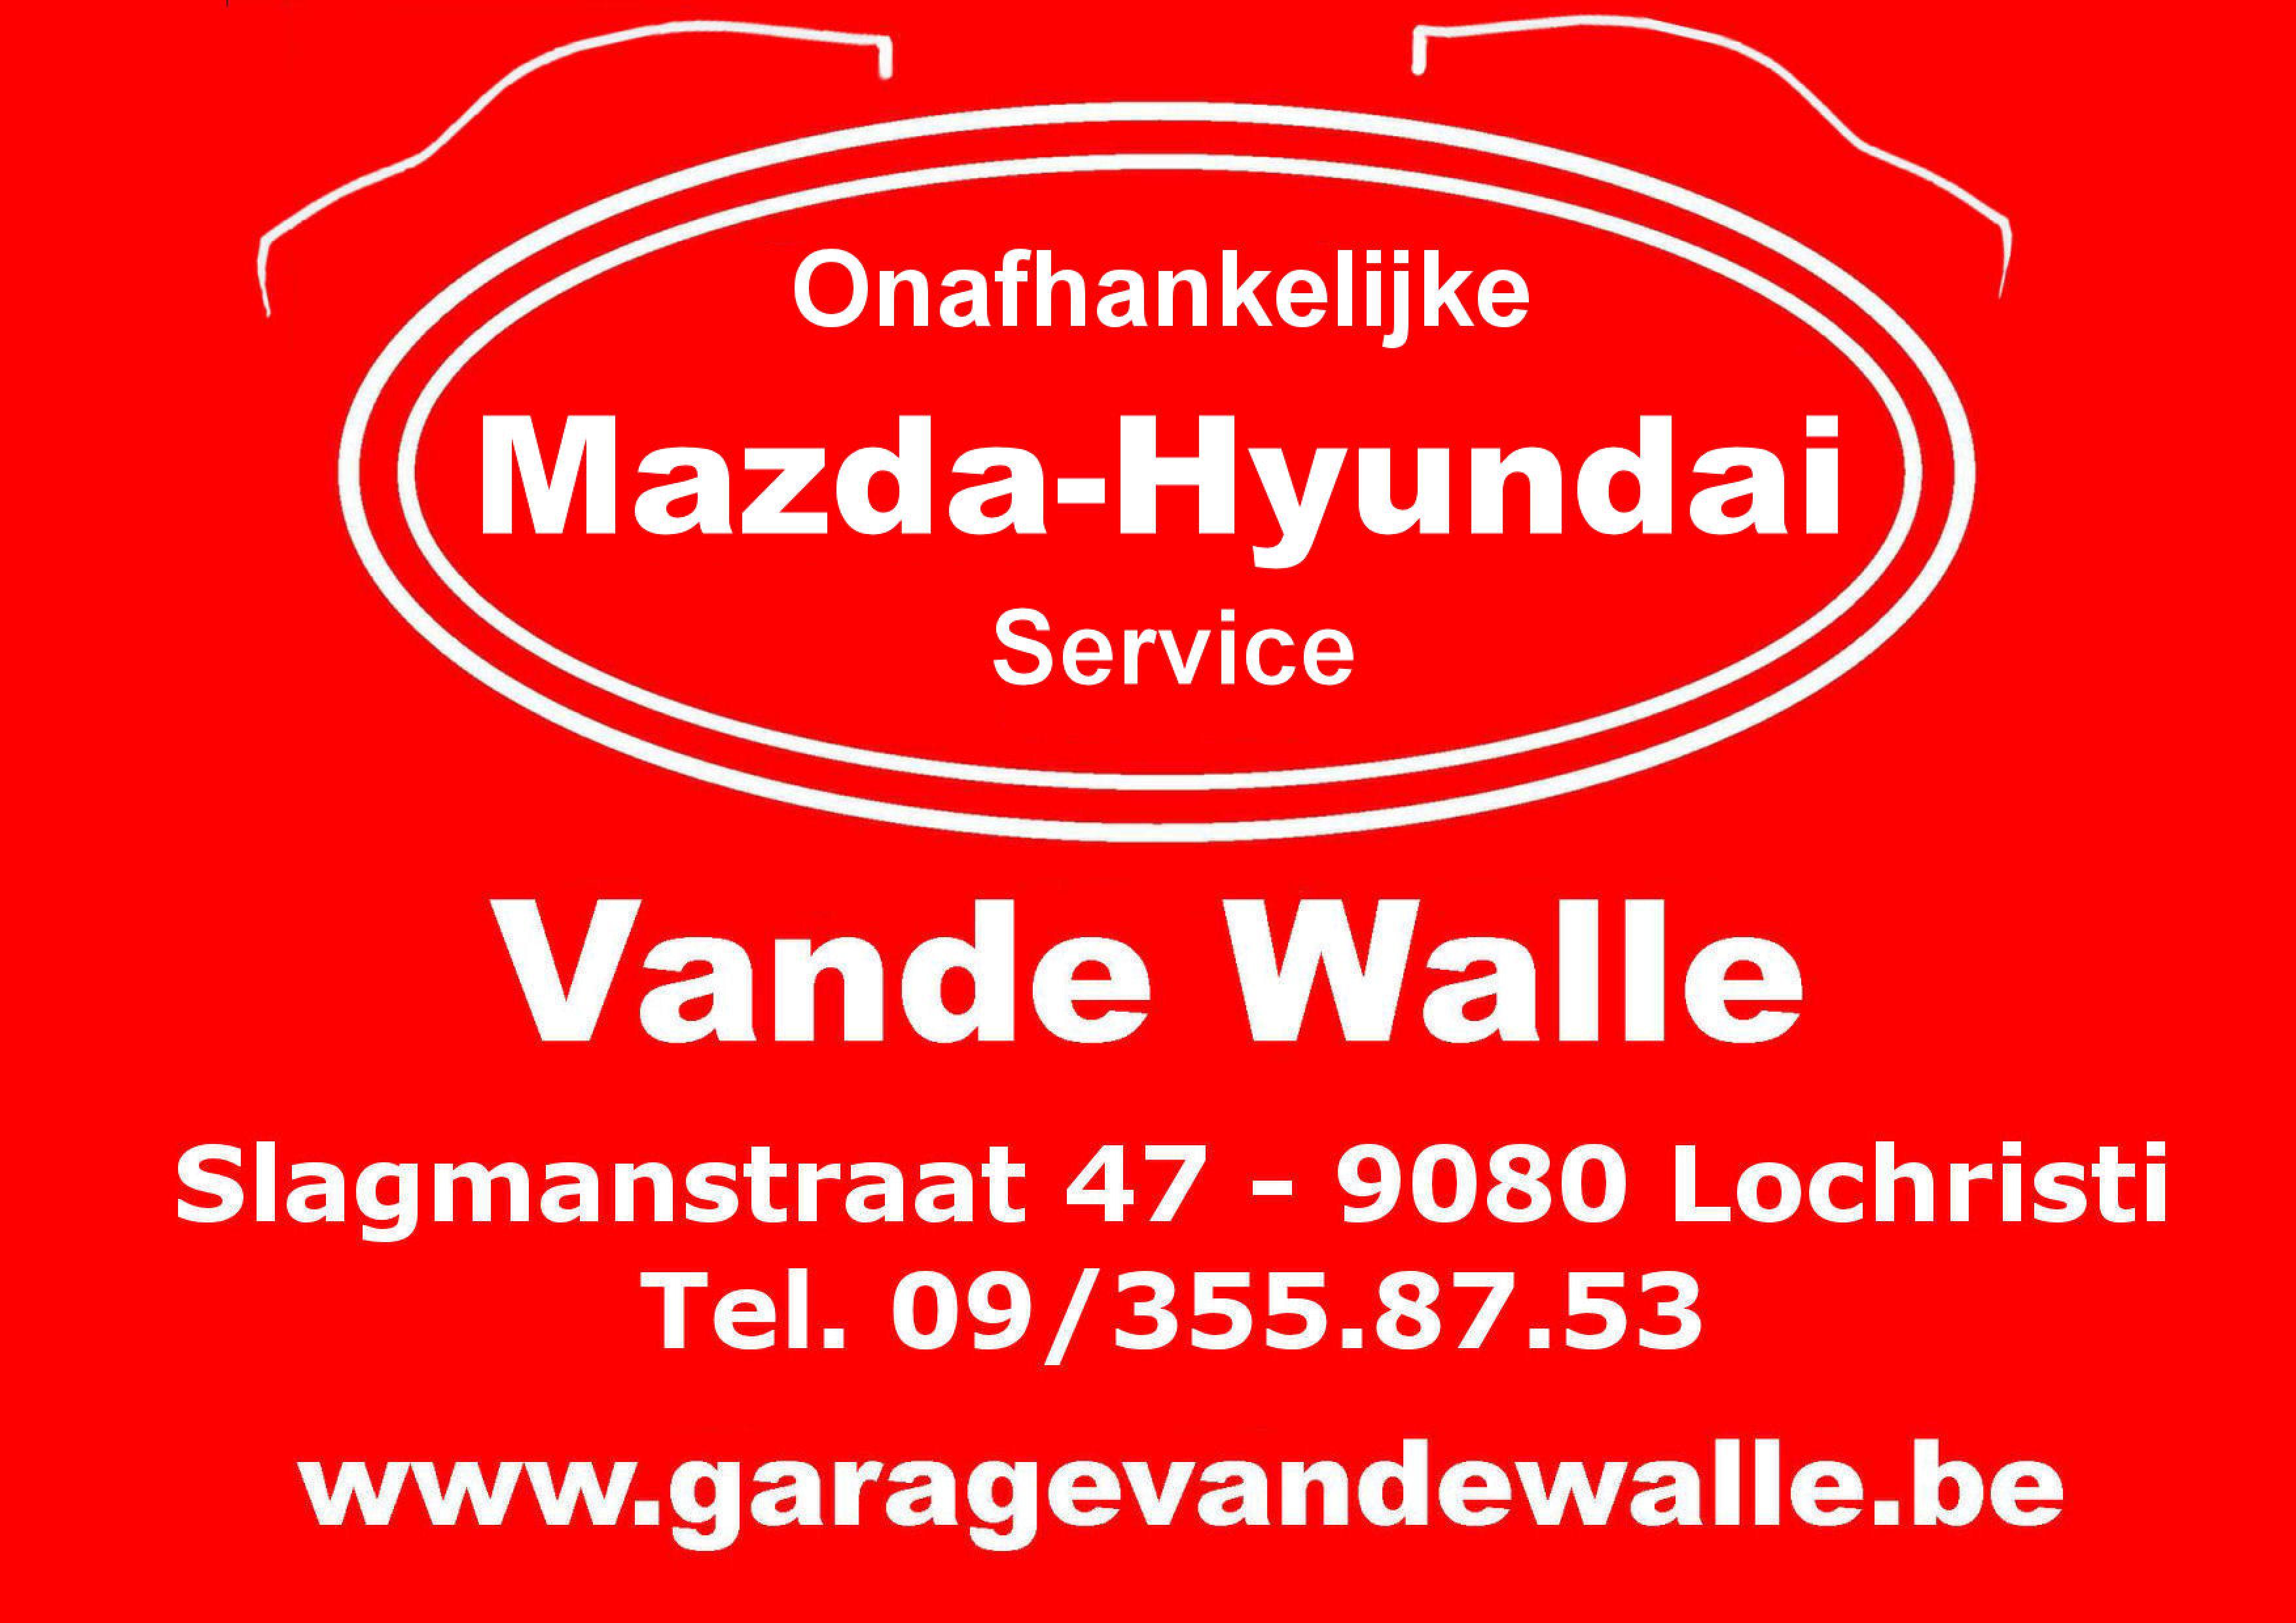 Garage Vande Walle